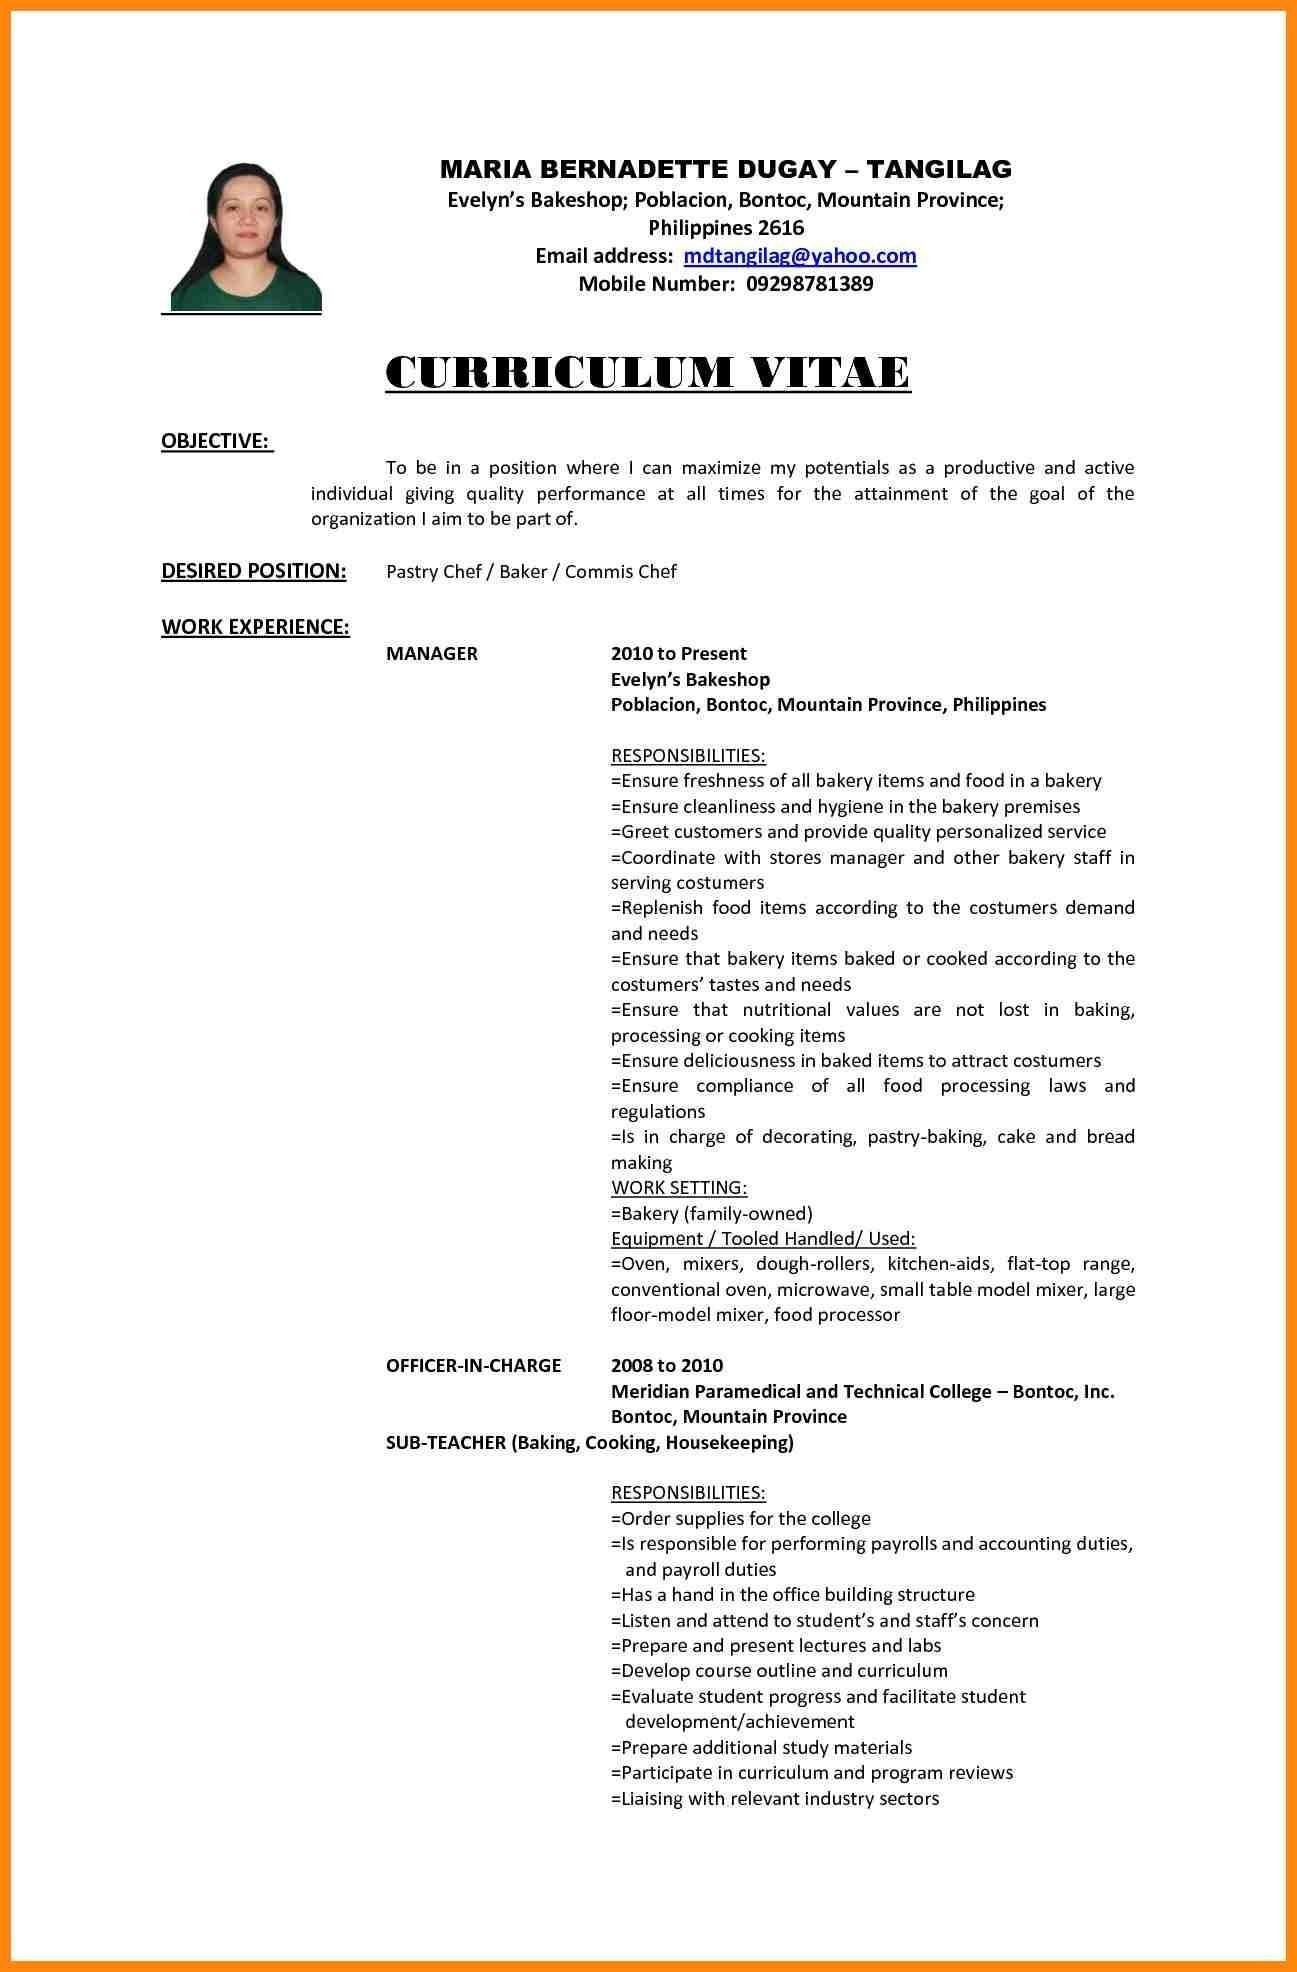 curriculum vitae paramedical